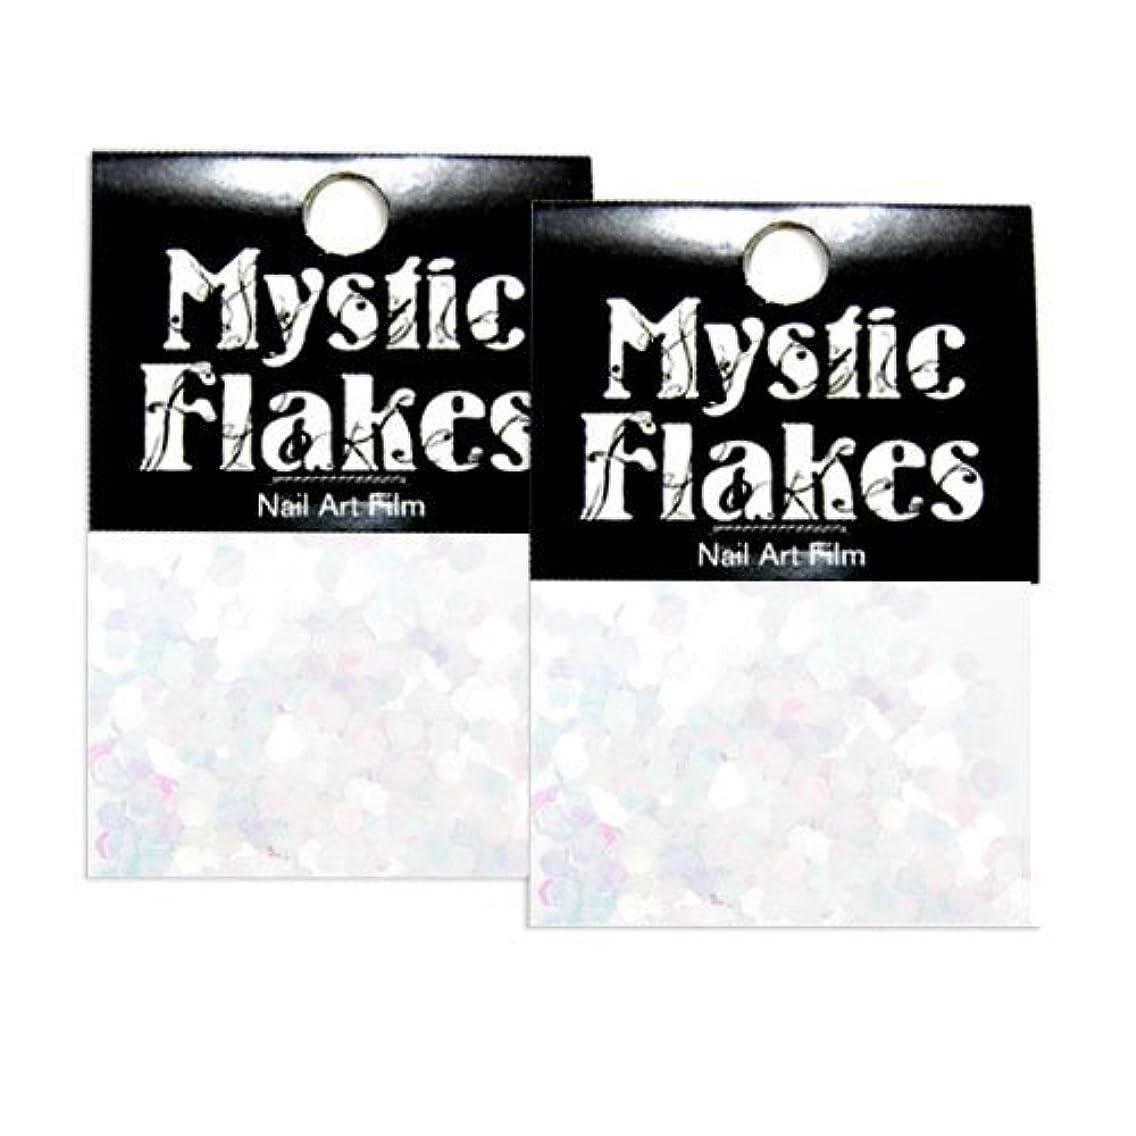 マイルストーン論争反応するミスティックフレース ネイル用ストーン パステルホワイト ヘキサゴン 2.5mm 0.5g 2個セット